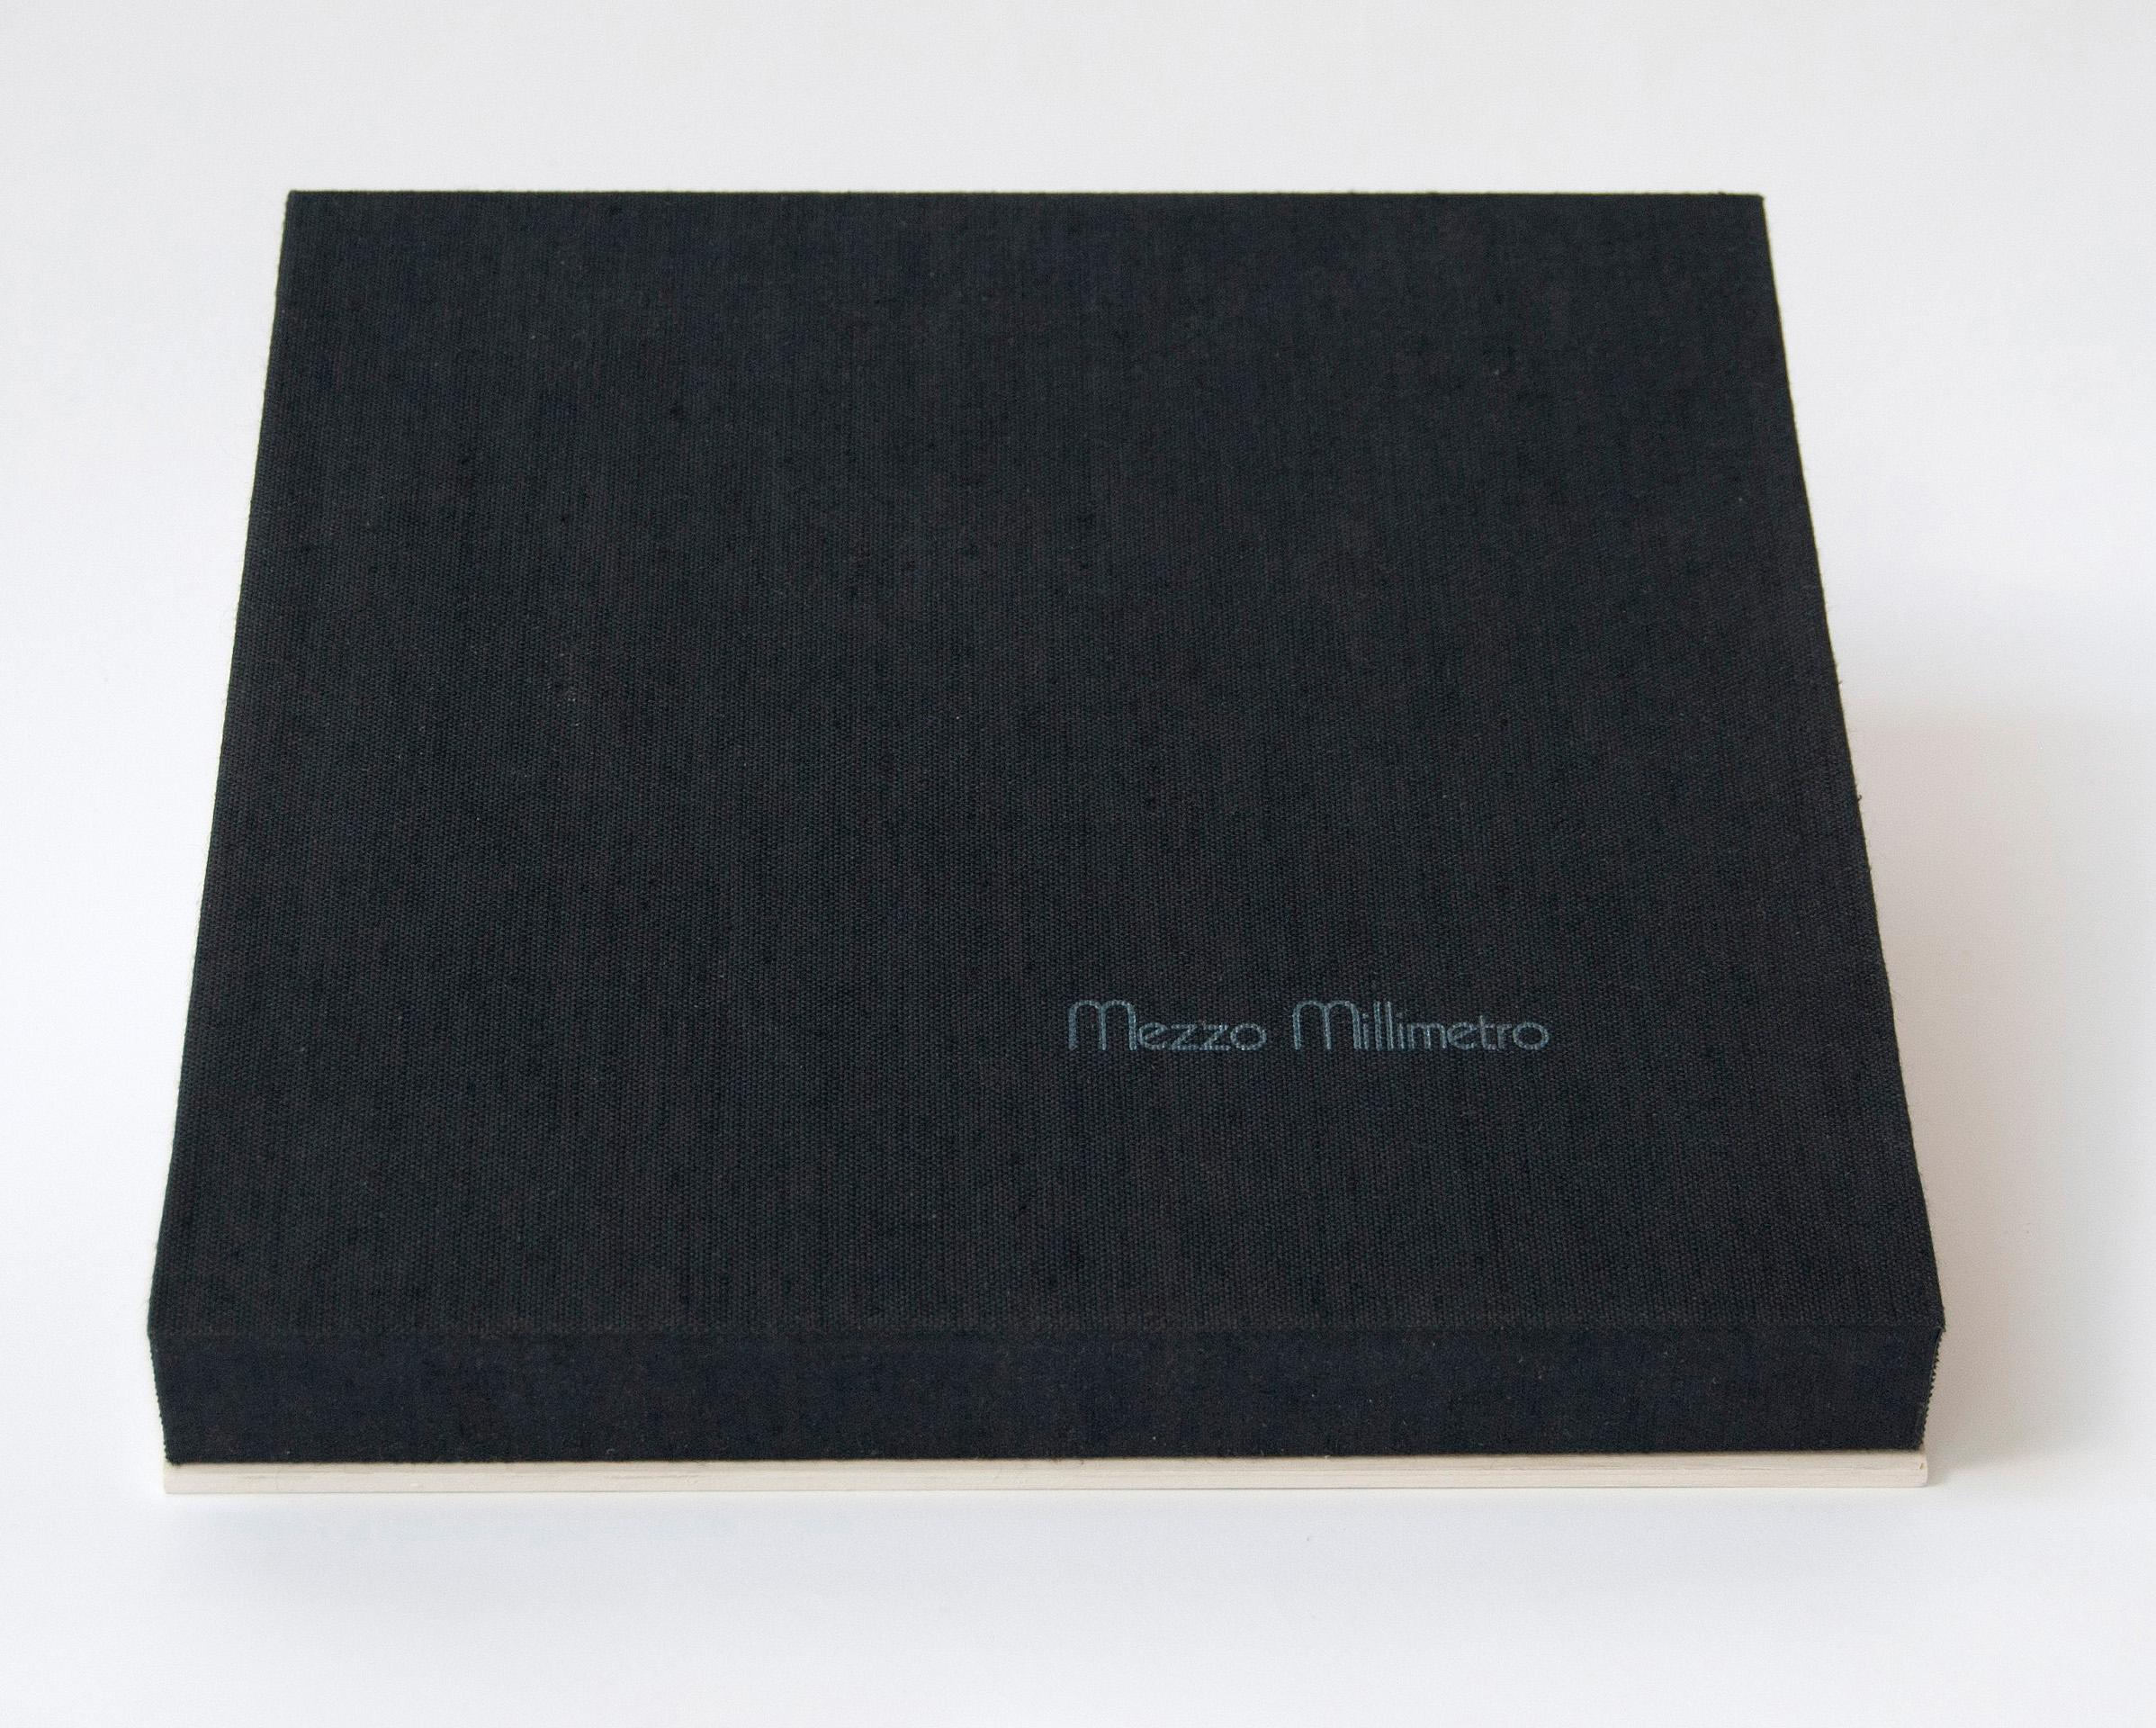 01 artist book.jpg